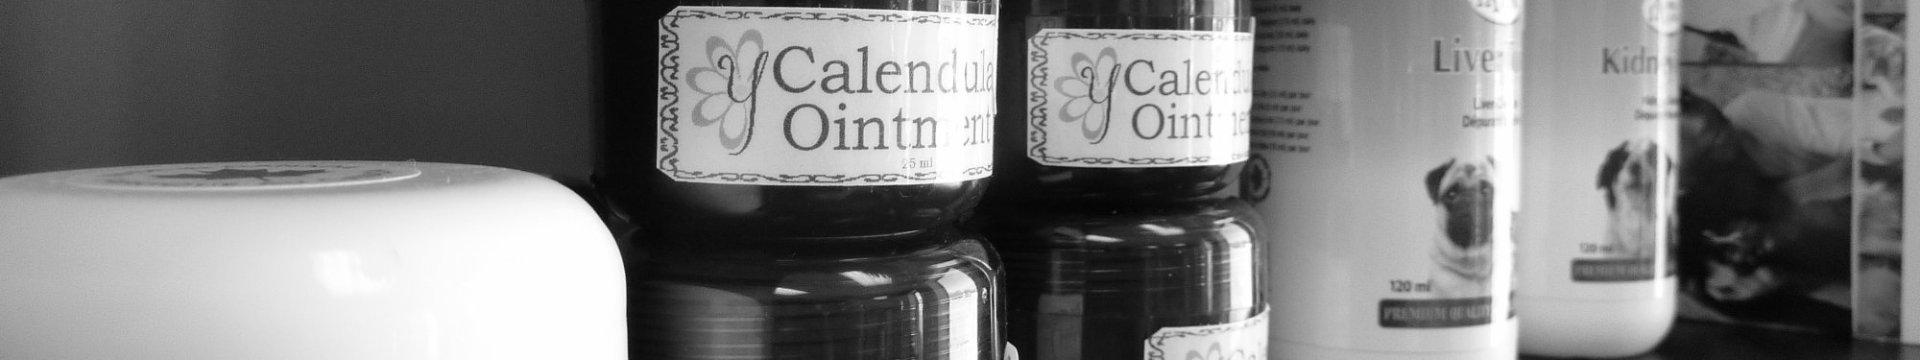 Holistic products on shelf